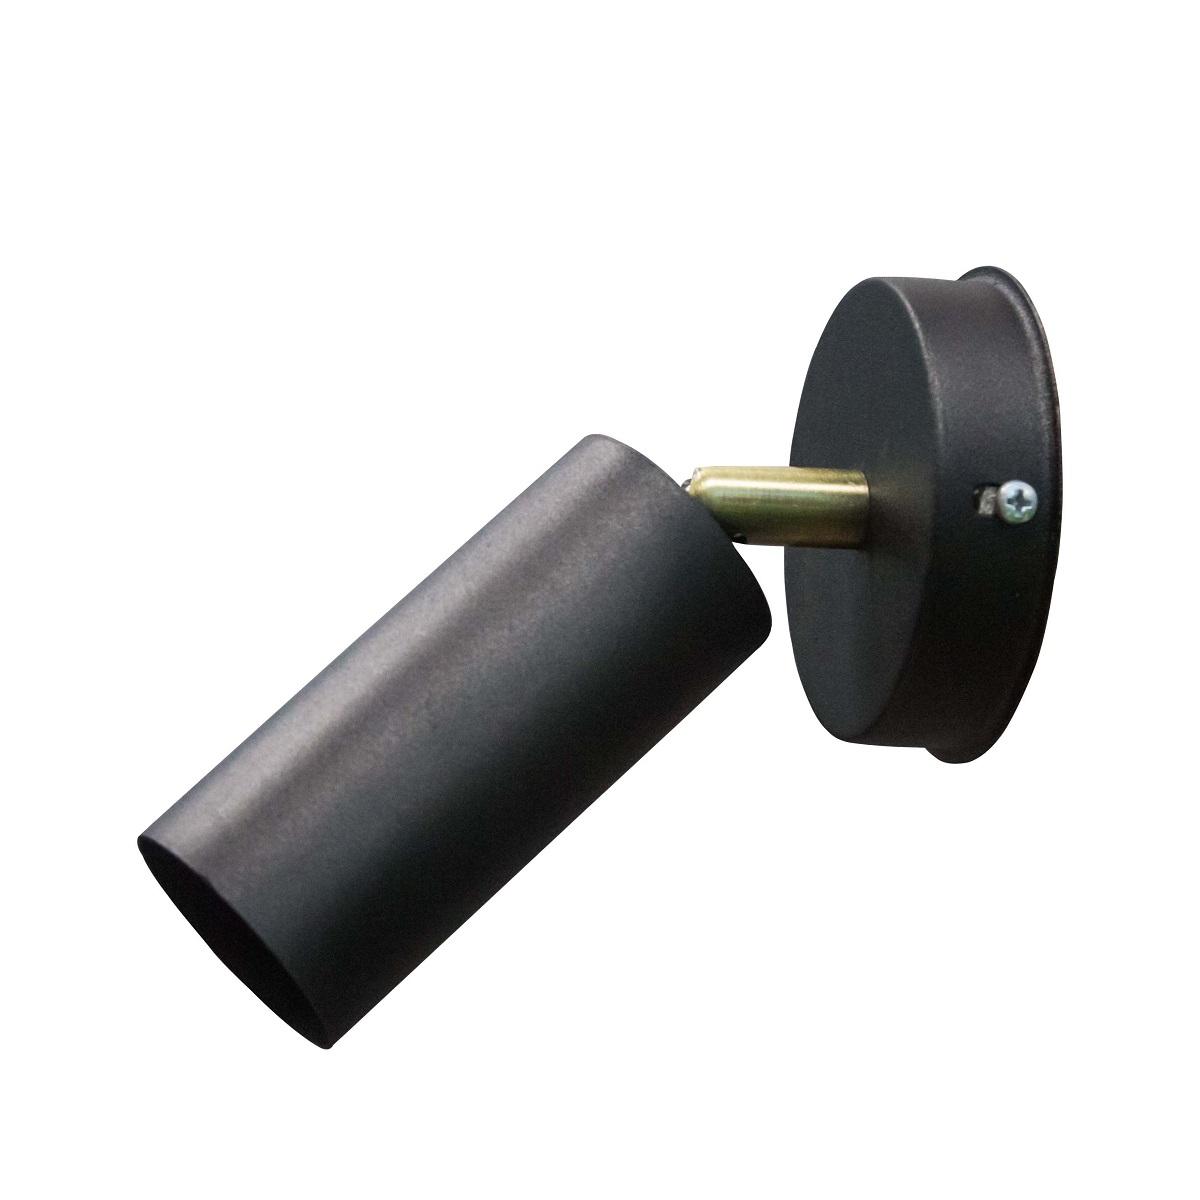 Світильники ЛОФТ - Люстра лофт потолочная с поворотным плафоном 000002761 - Фото 1